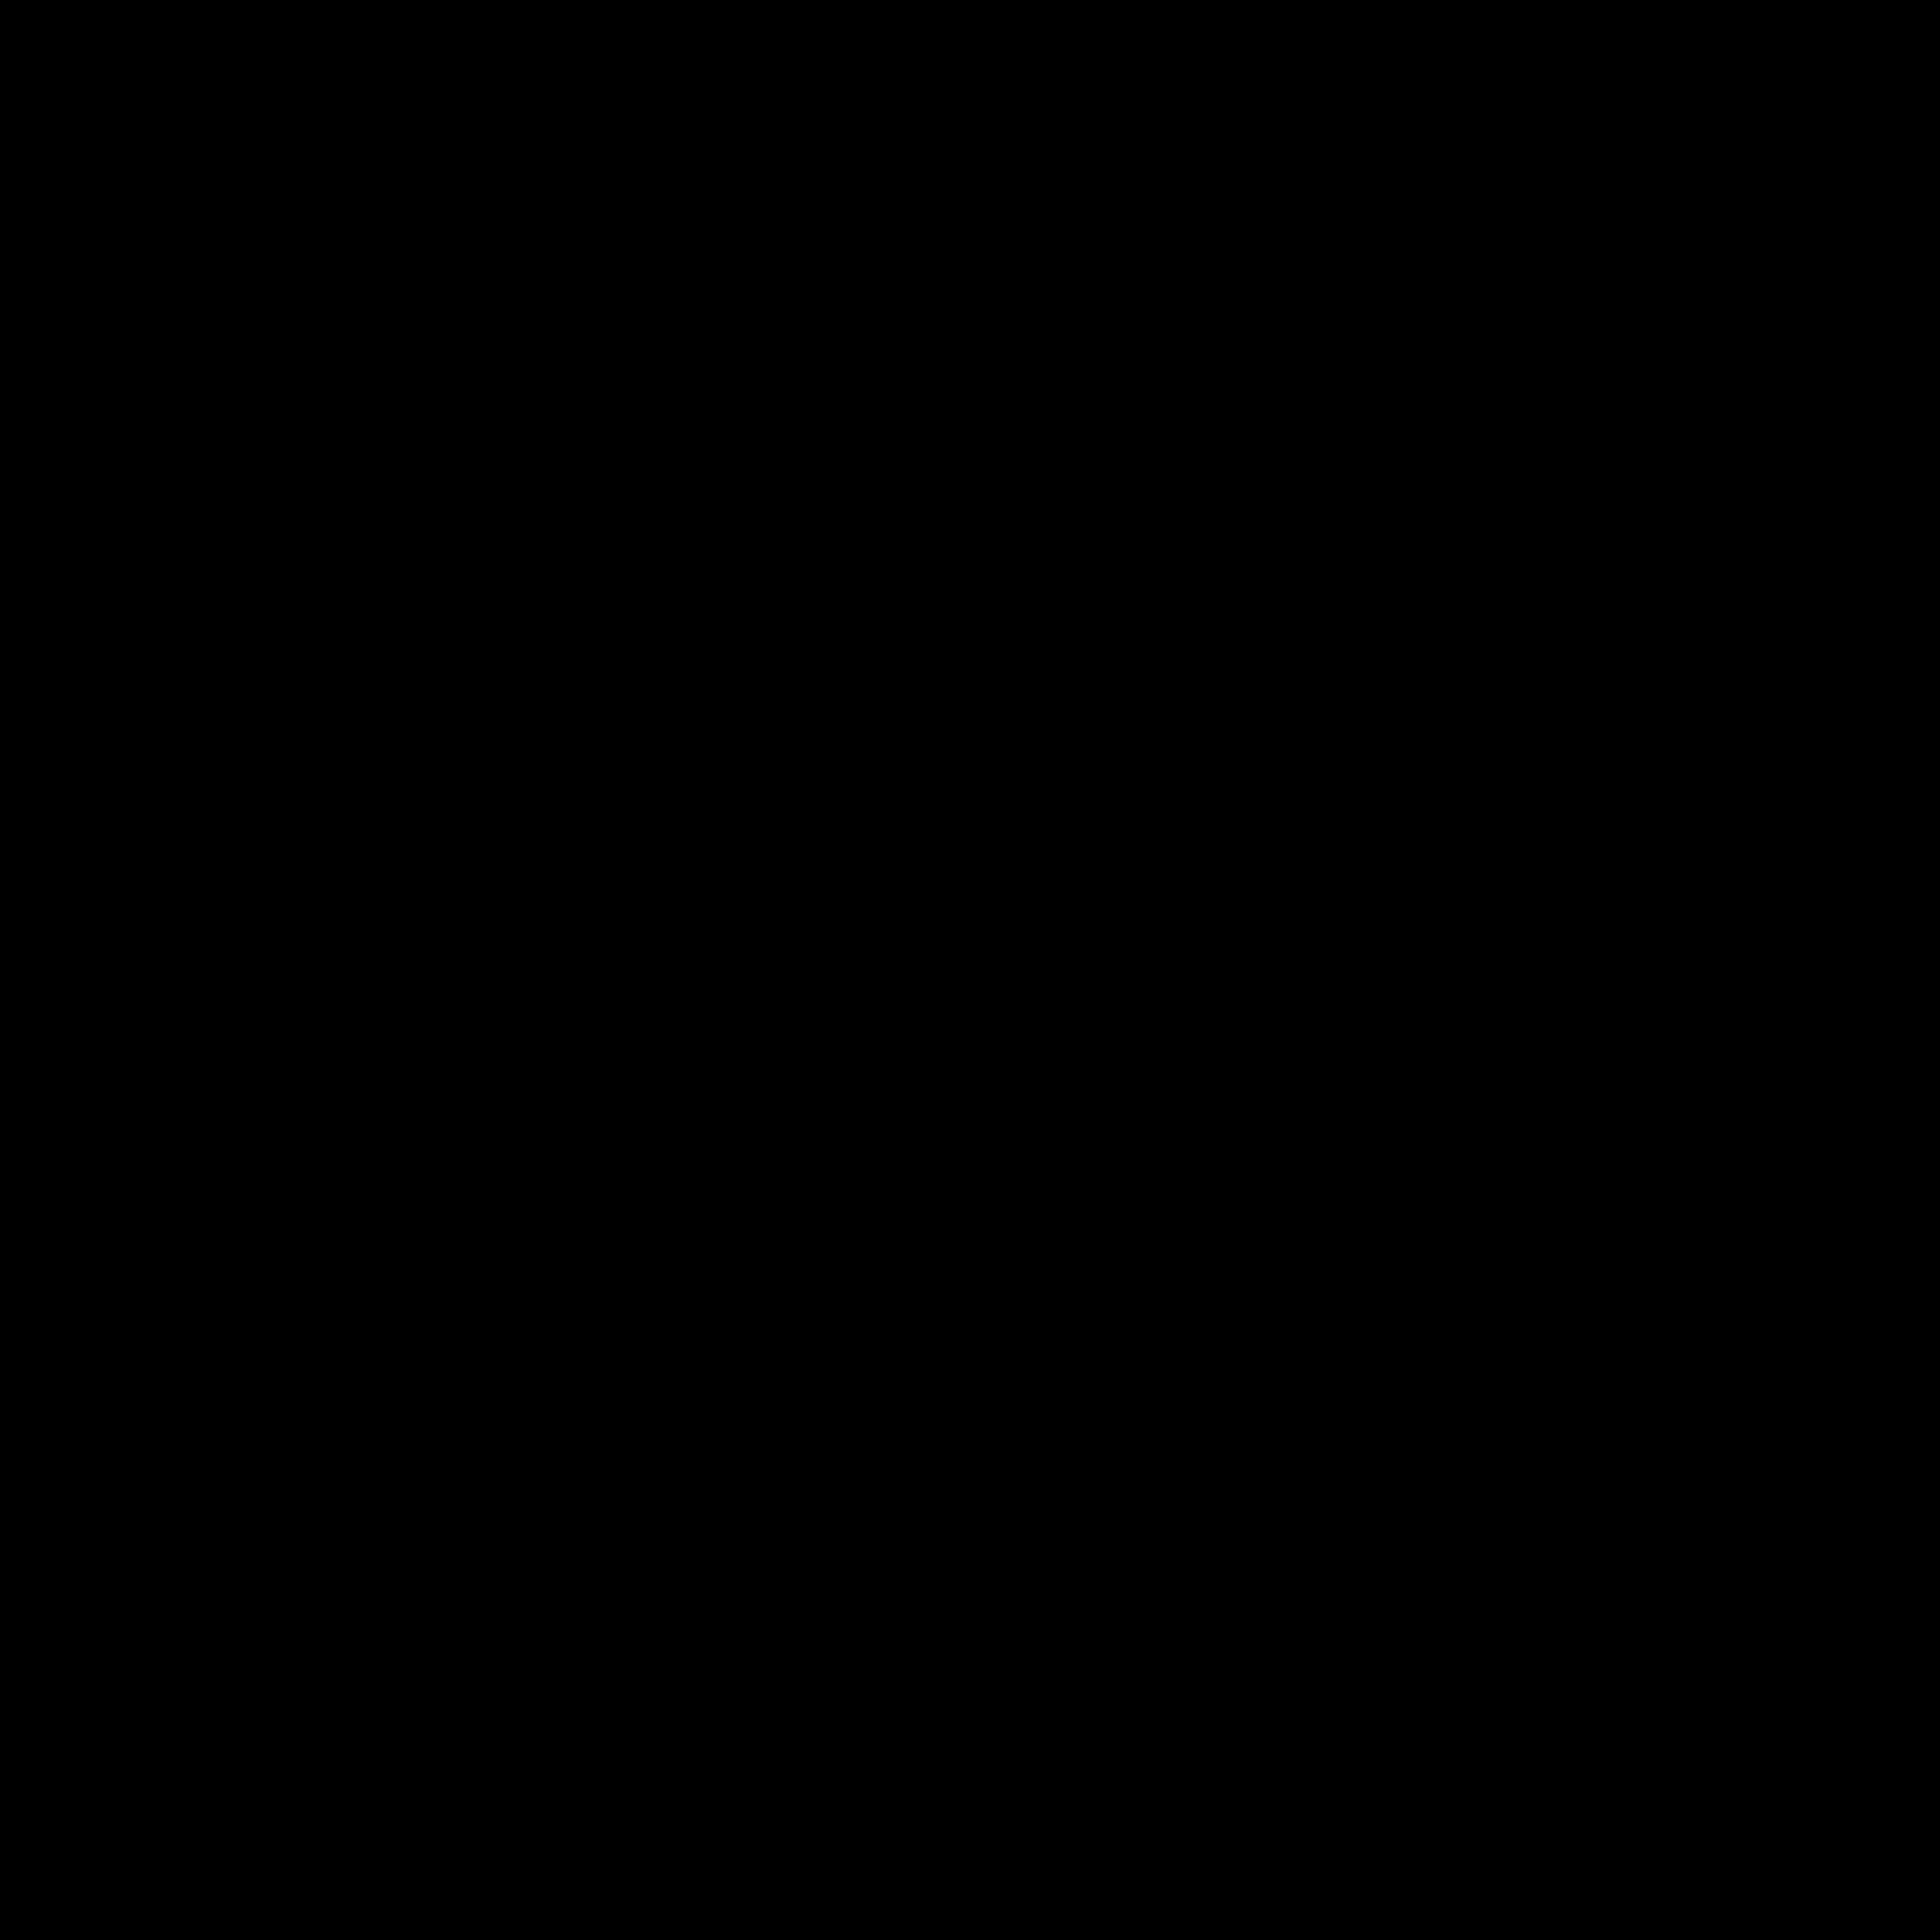 α-cromactive / Turin